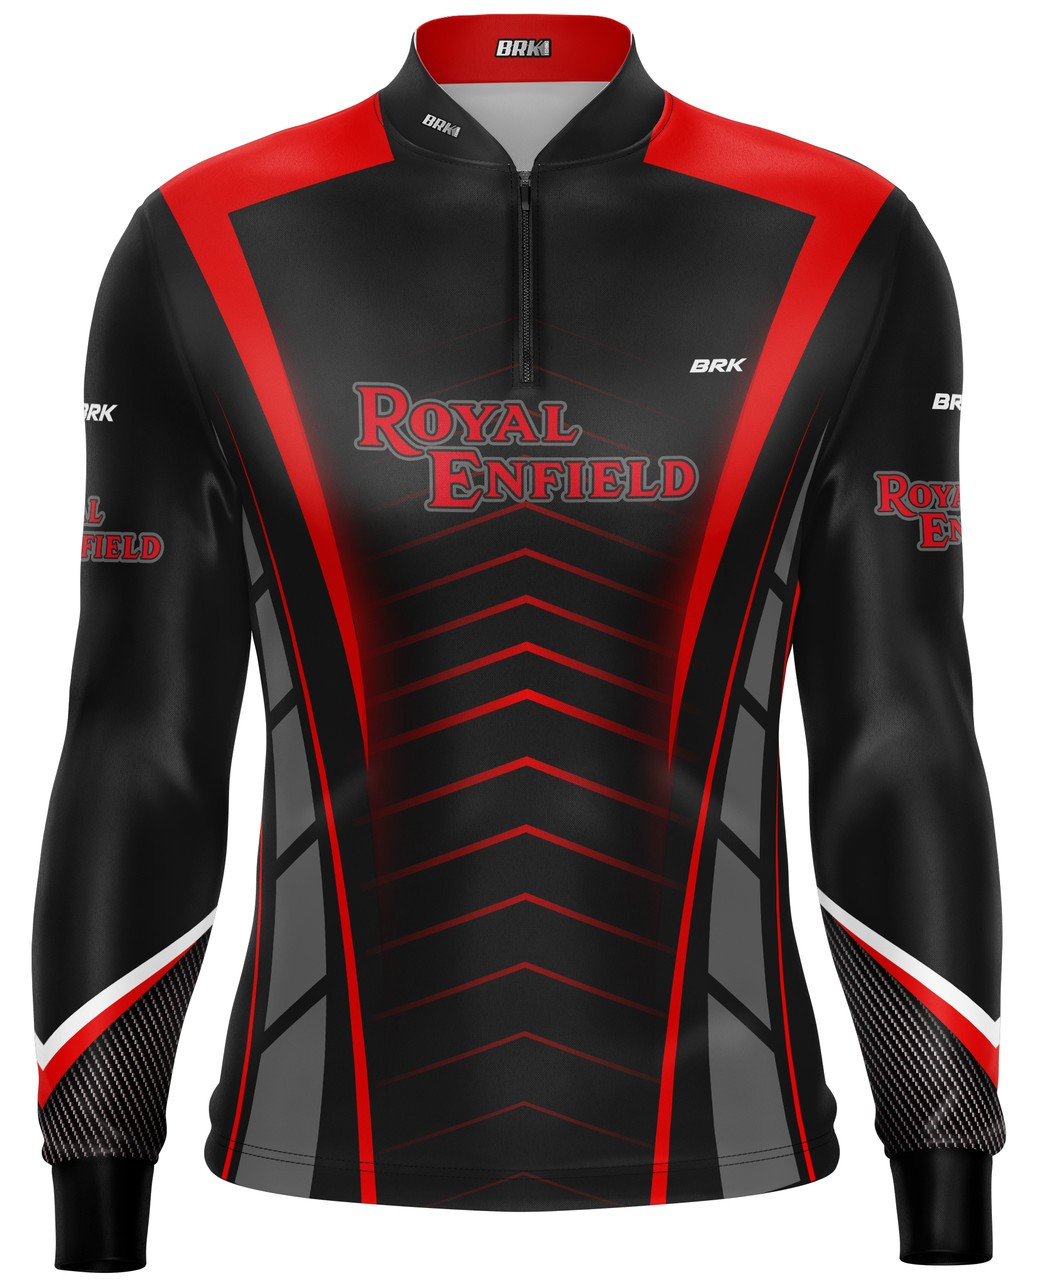 Camiseta Brk Motociclismo Royal Enfield com FPU 50+